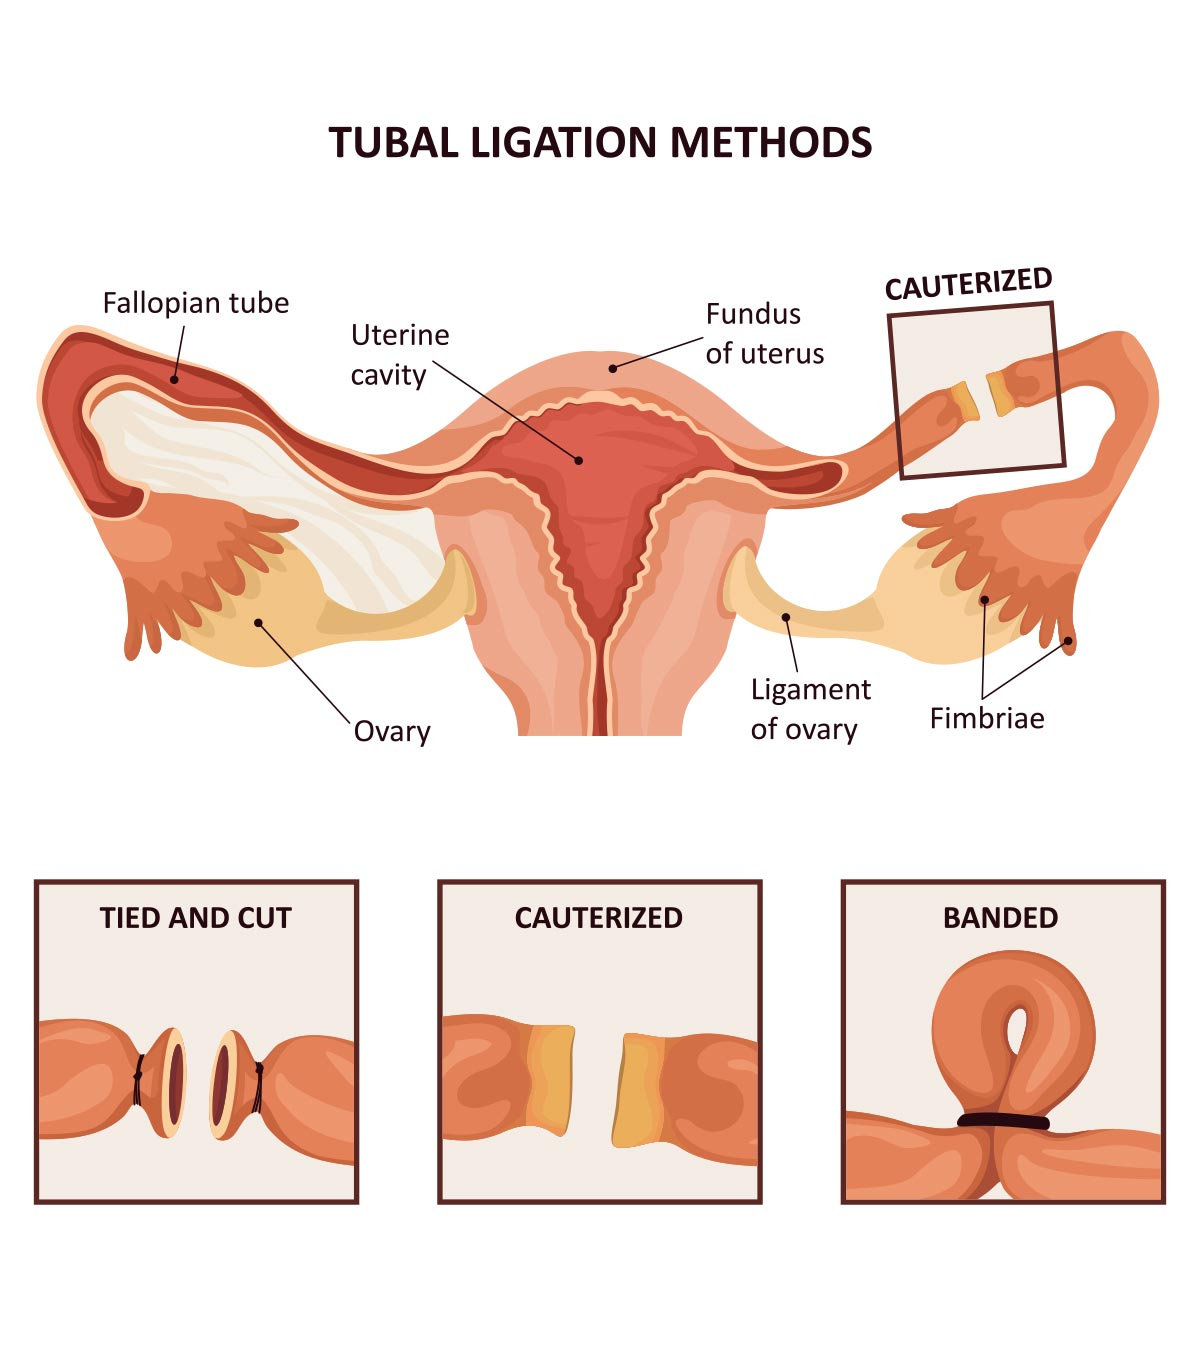 Tubal Ligation: Benefits, Risks And Alternatives